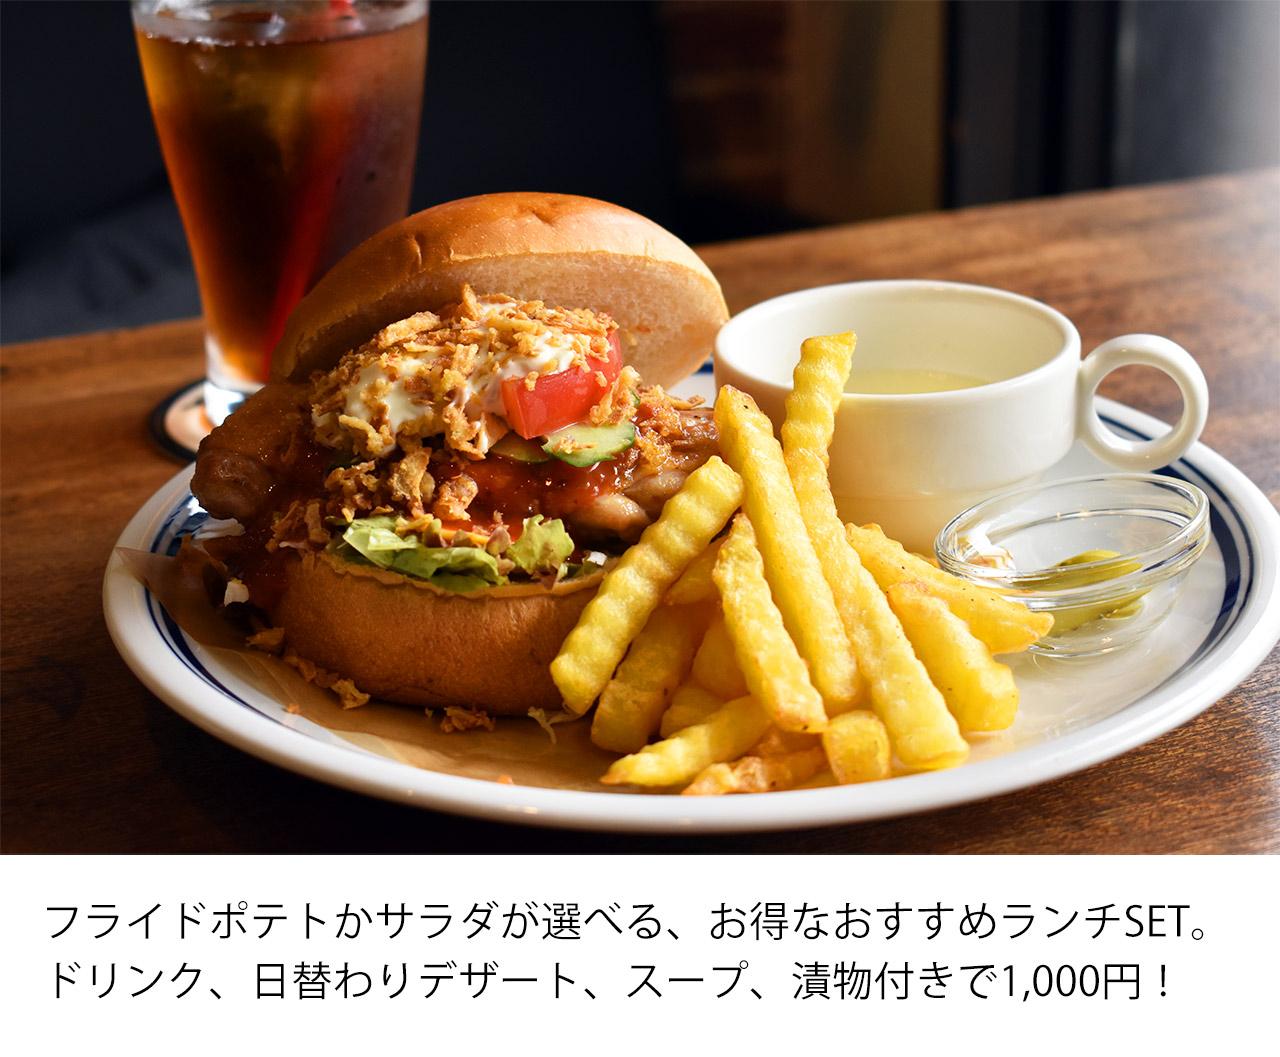 フライドポテトかサラダが選べる、お得なおすすめランチSET。ドリンク、日替わりデザート、スープ、漬物付きで1,000円!